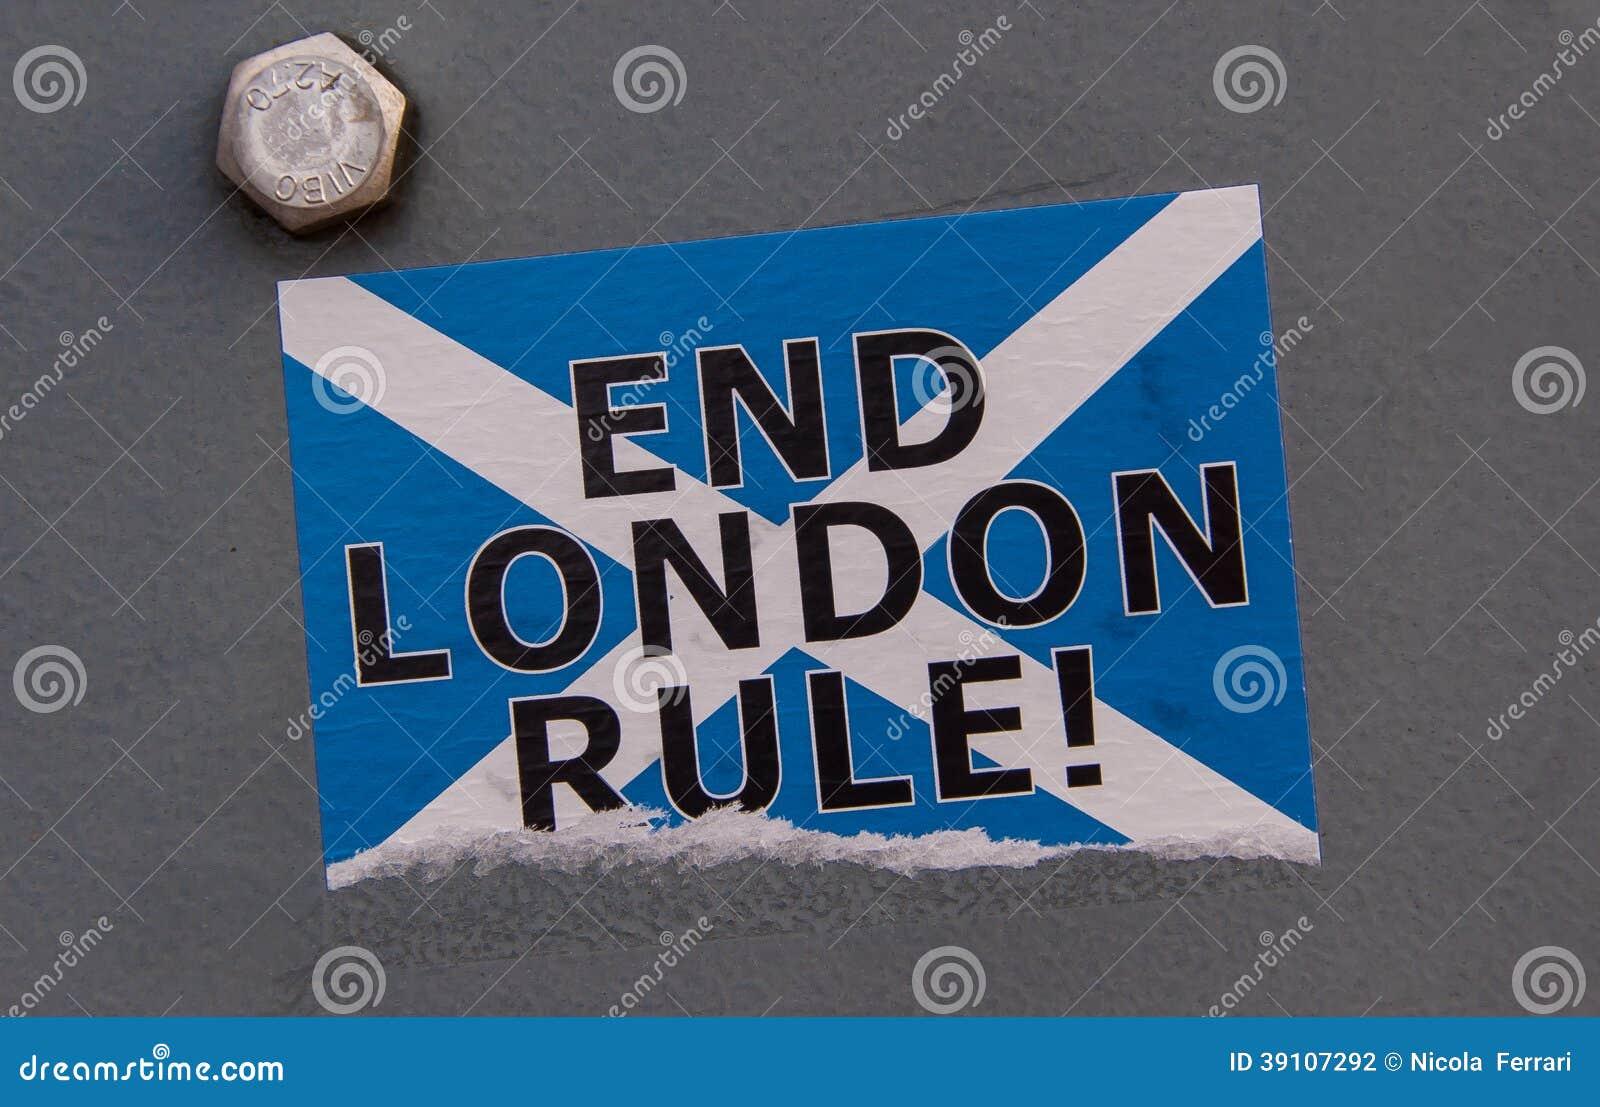 Schotse onafhankelijkheid: De regelsticker van eindlonden